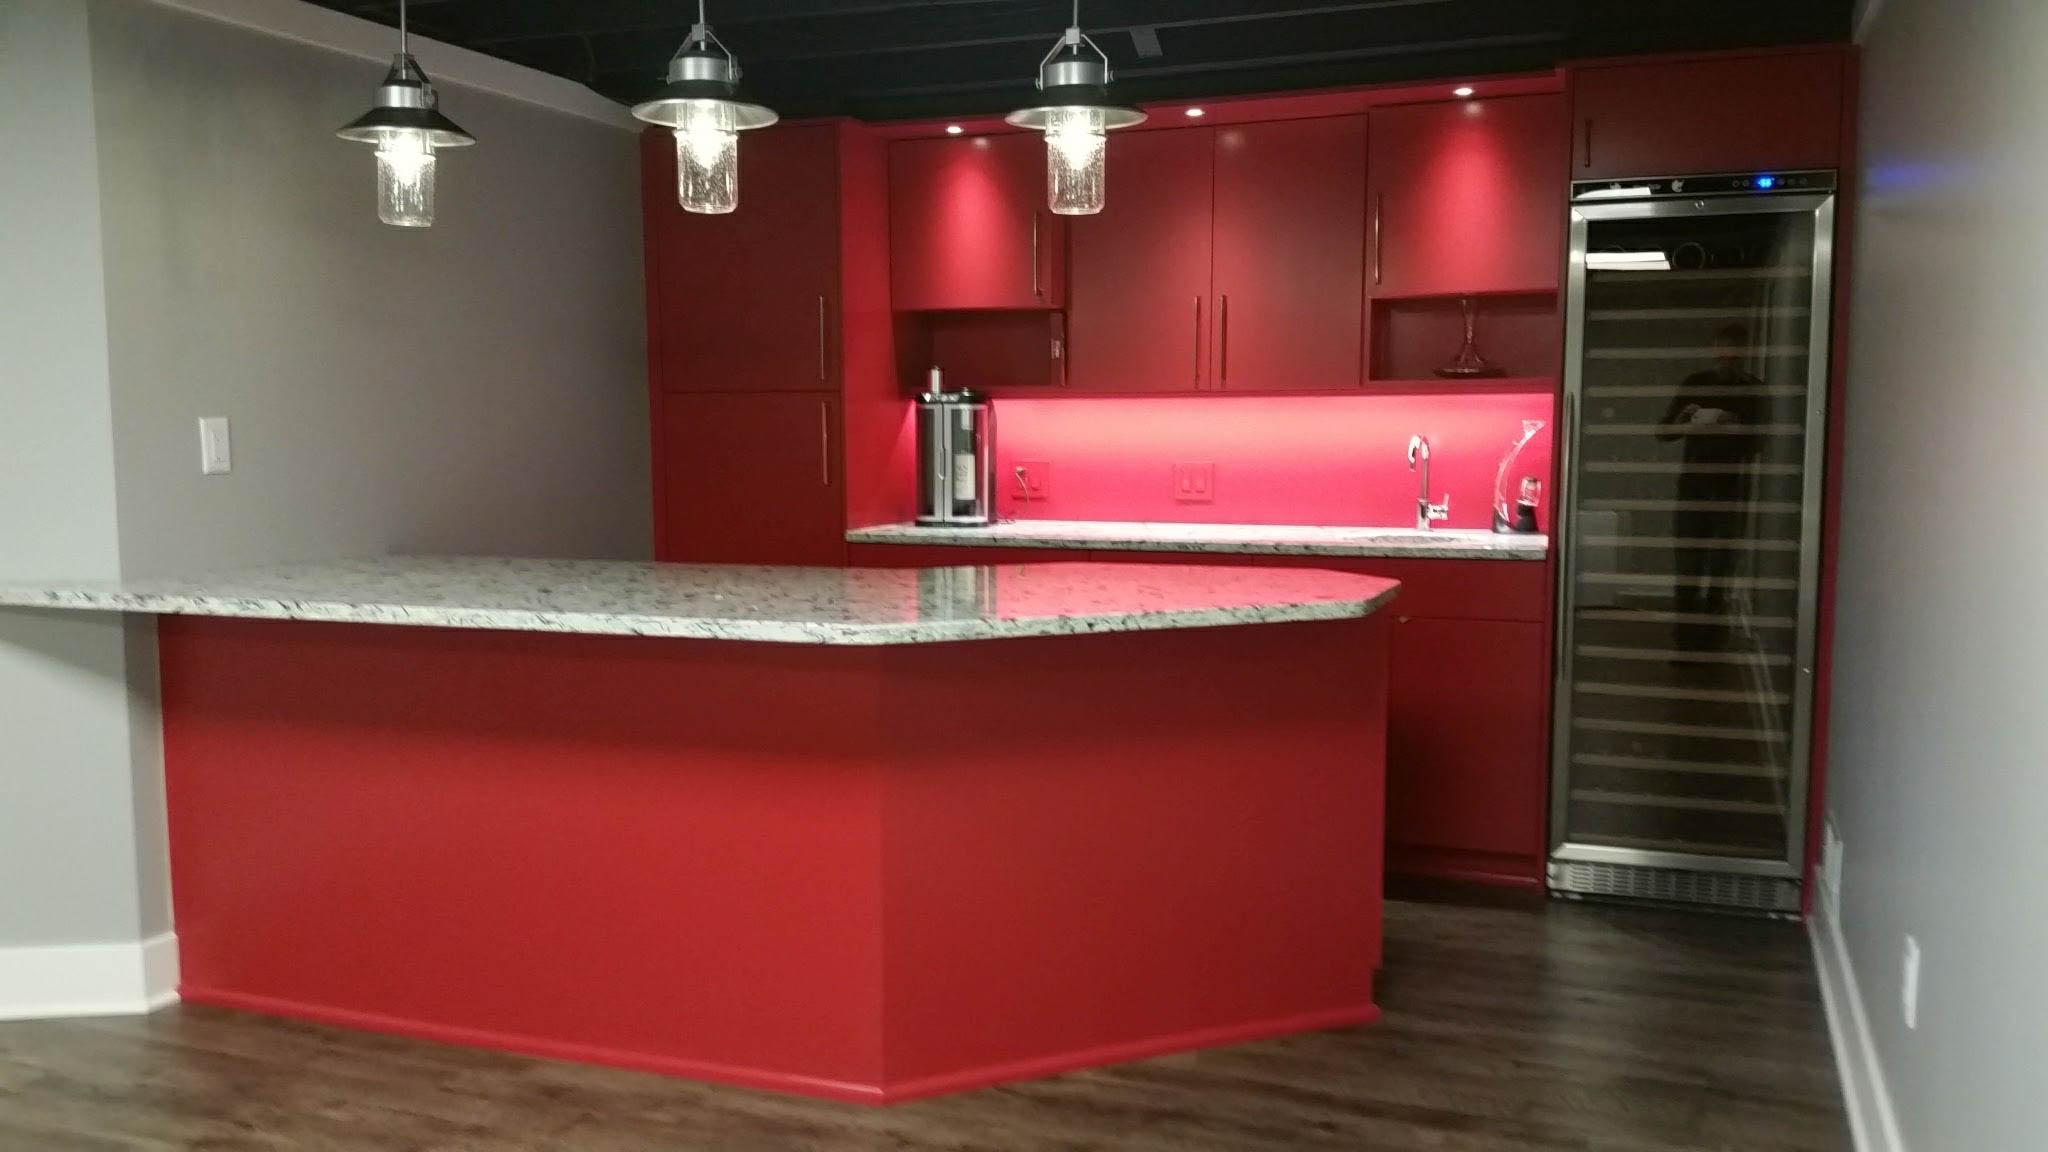 Kitchenette /  Bar Area - After